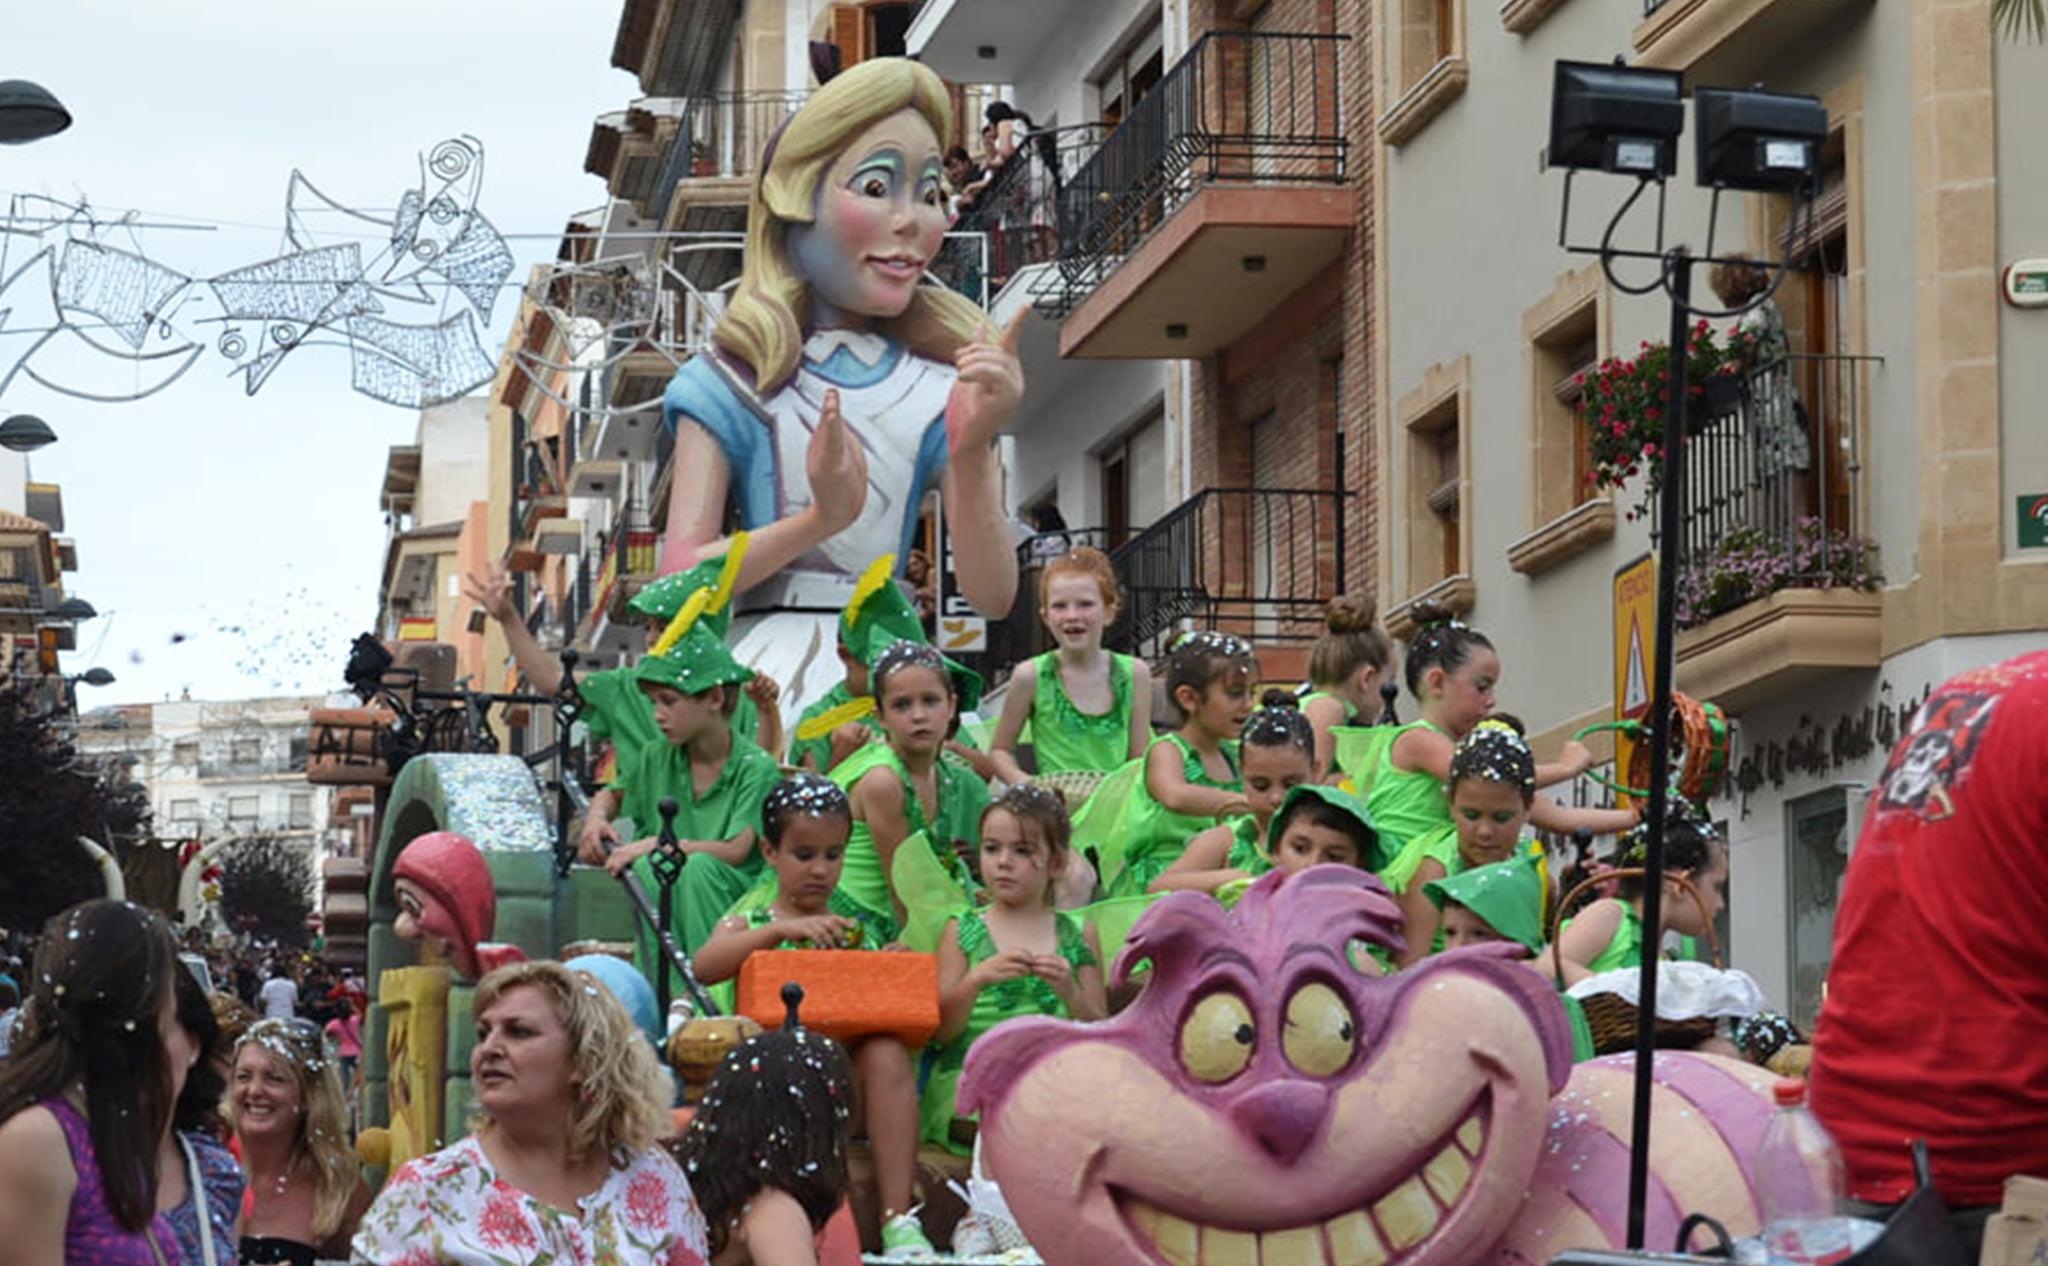 Cabalgata de carrozas de las fiestas de Sant Joan en Xàbia